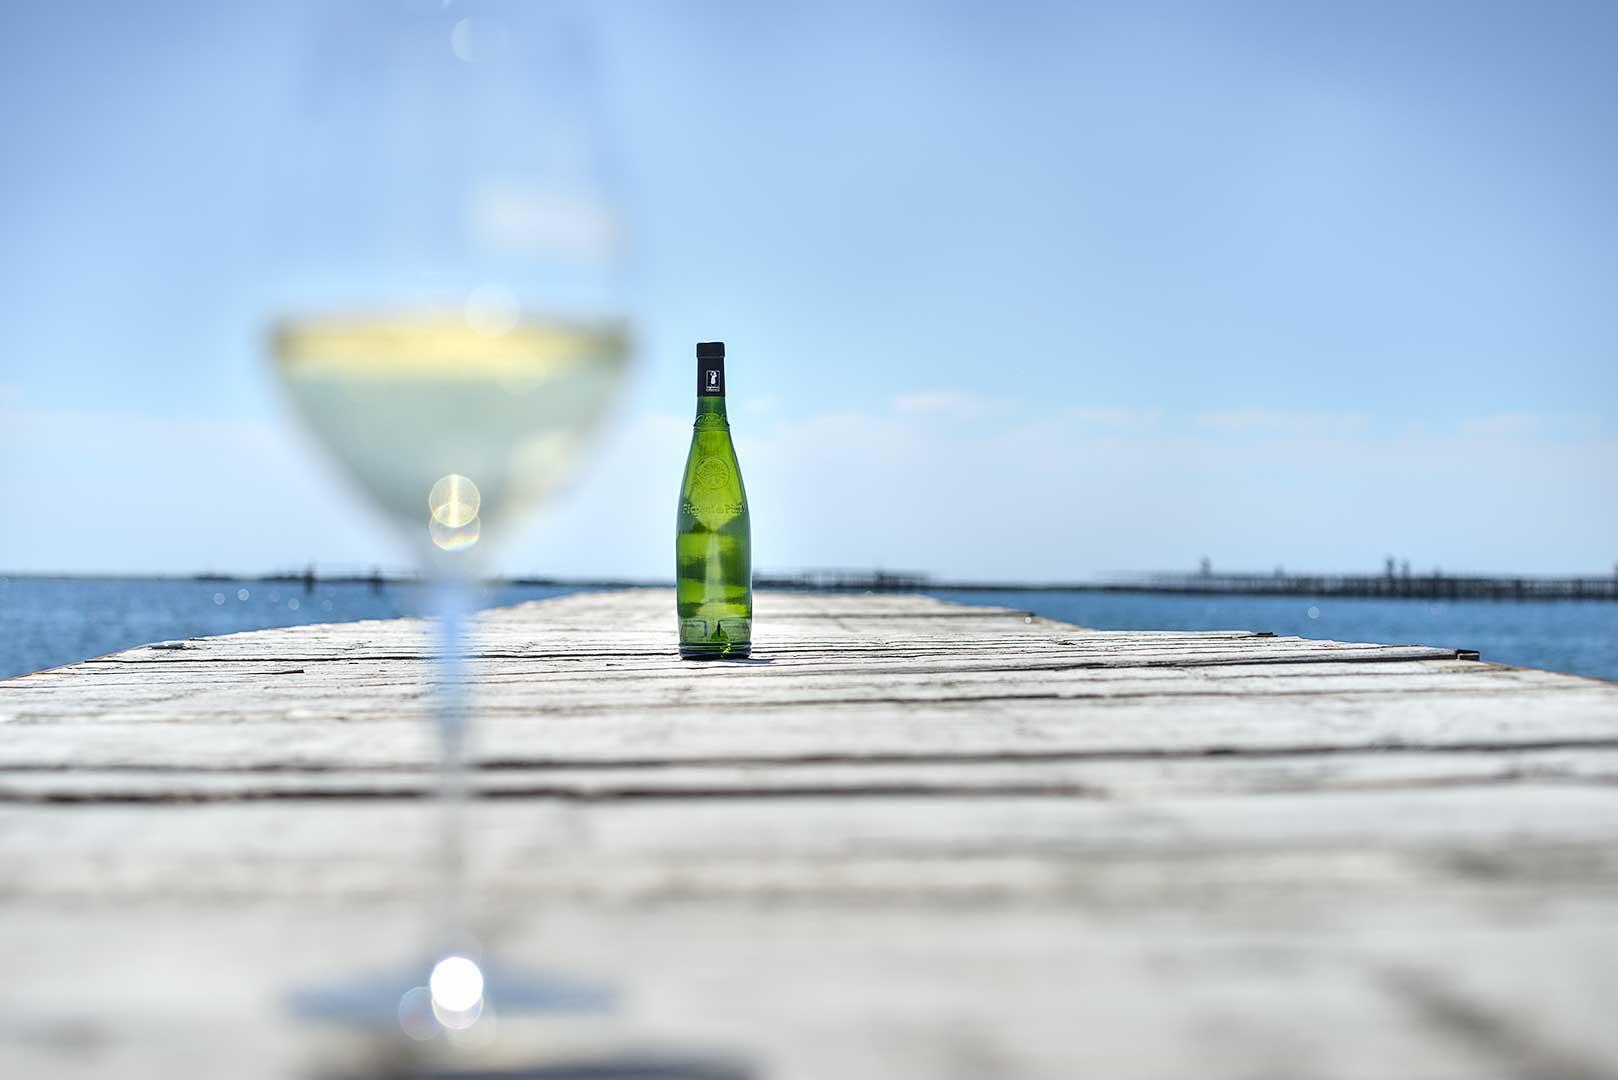 bouteille de vin, mer, étang, verre de vin blanc, Picpoul de Pinet, photo Emmanuel Perrin